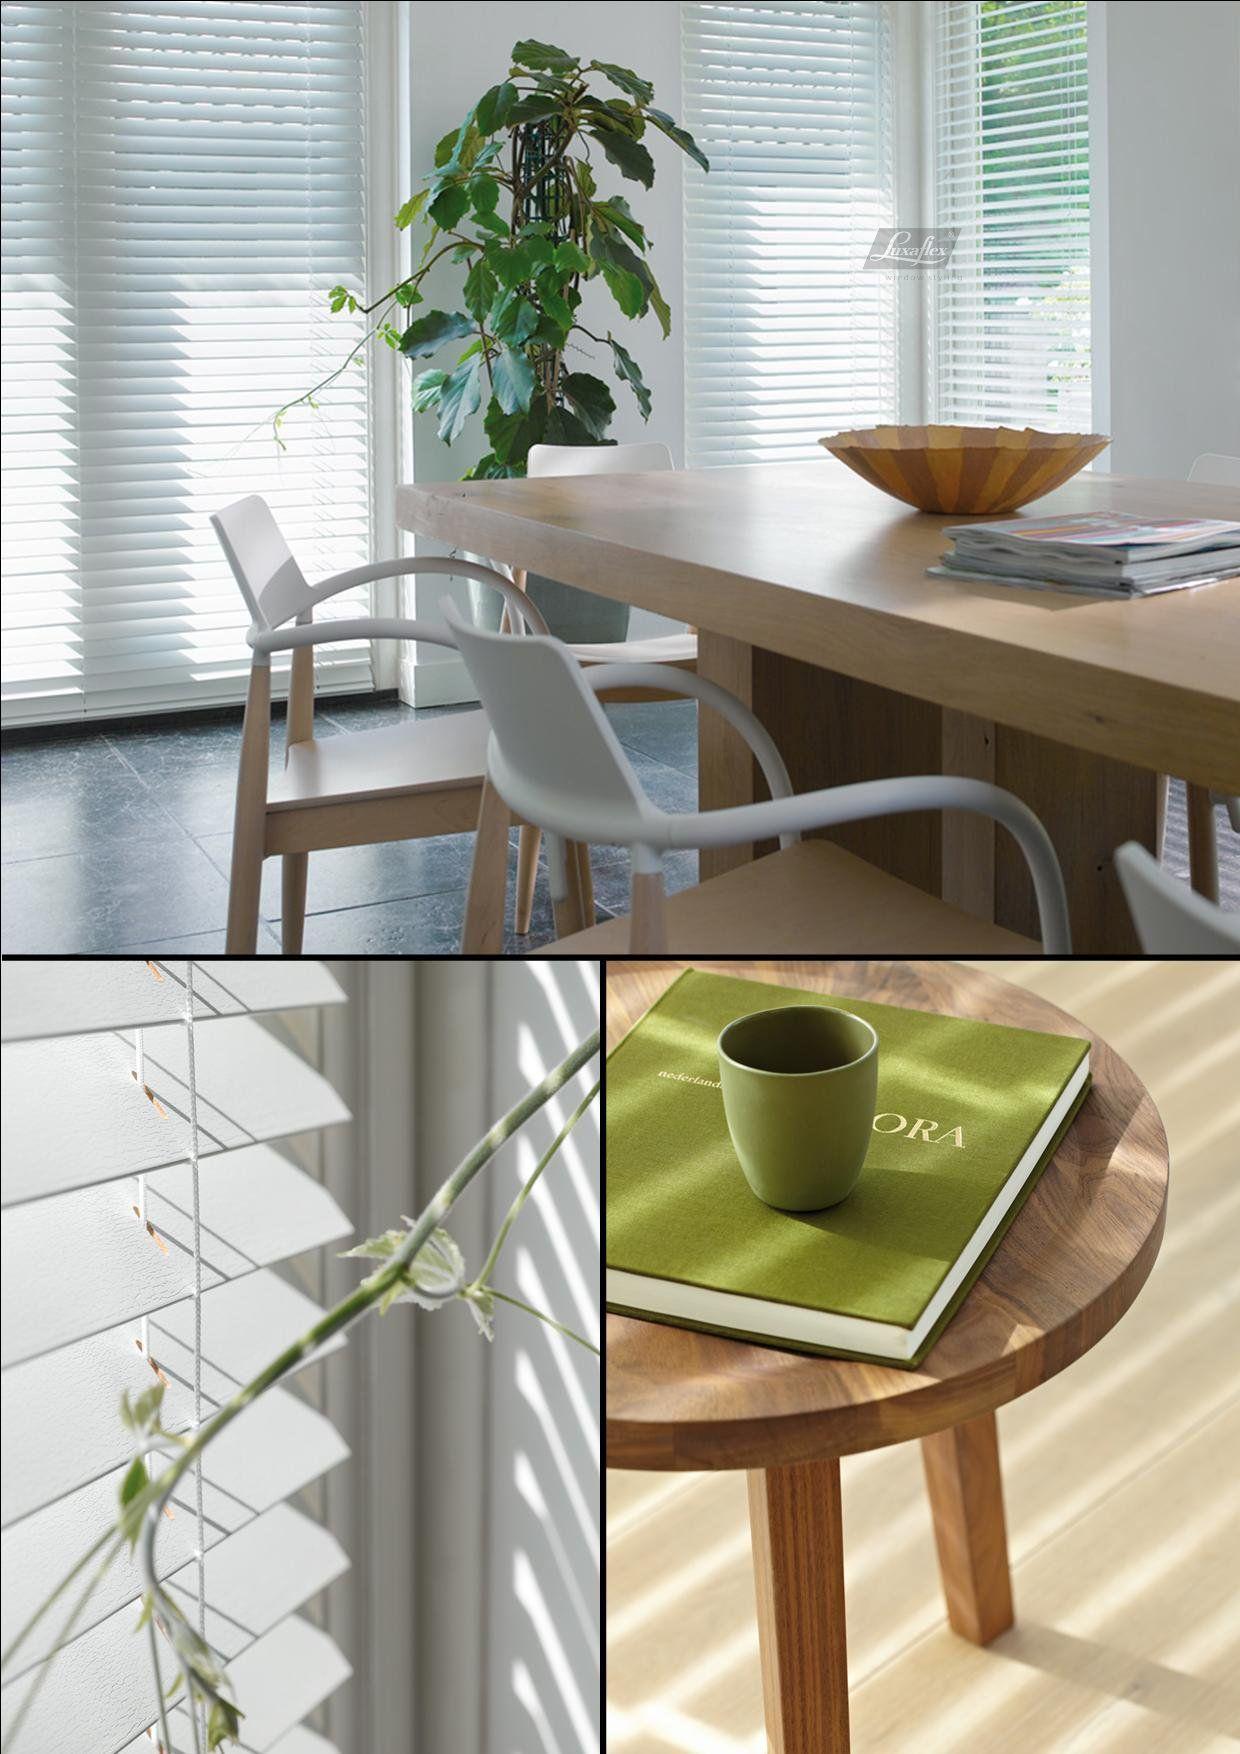 een basic interieur met een subtiele accent is gemakkelijk te creren kies uit de natuurlijke